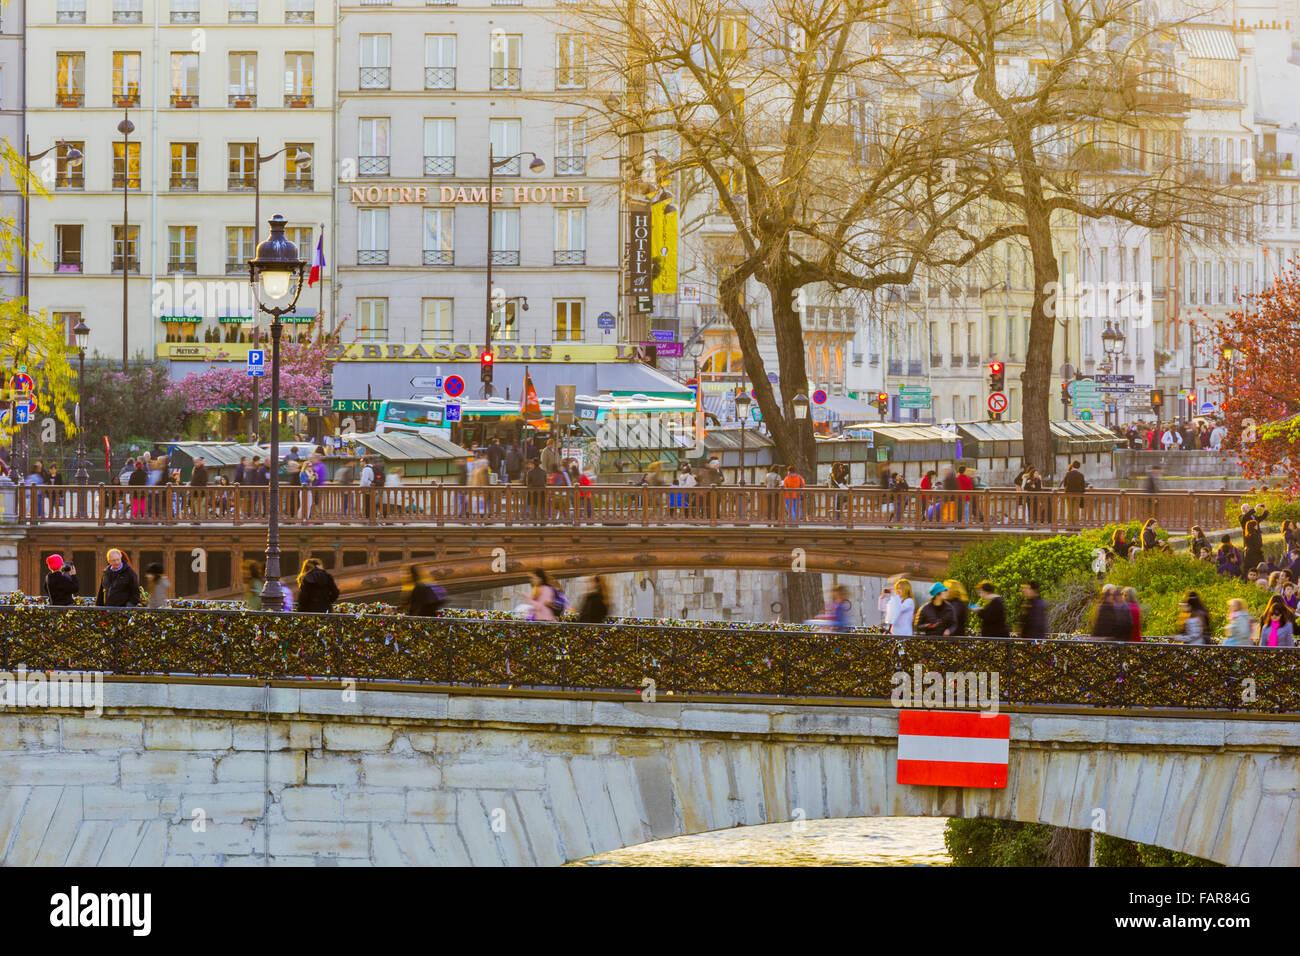 view of Notre Dame Hotel along the River Seine and Pont de l'Archevêché bridge, Paris - Stock Image